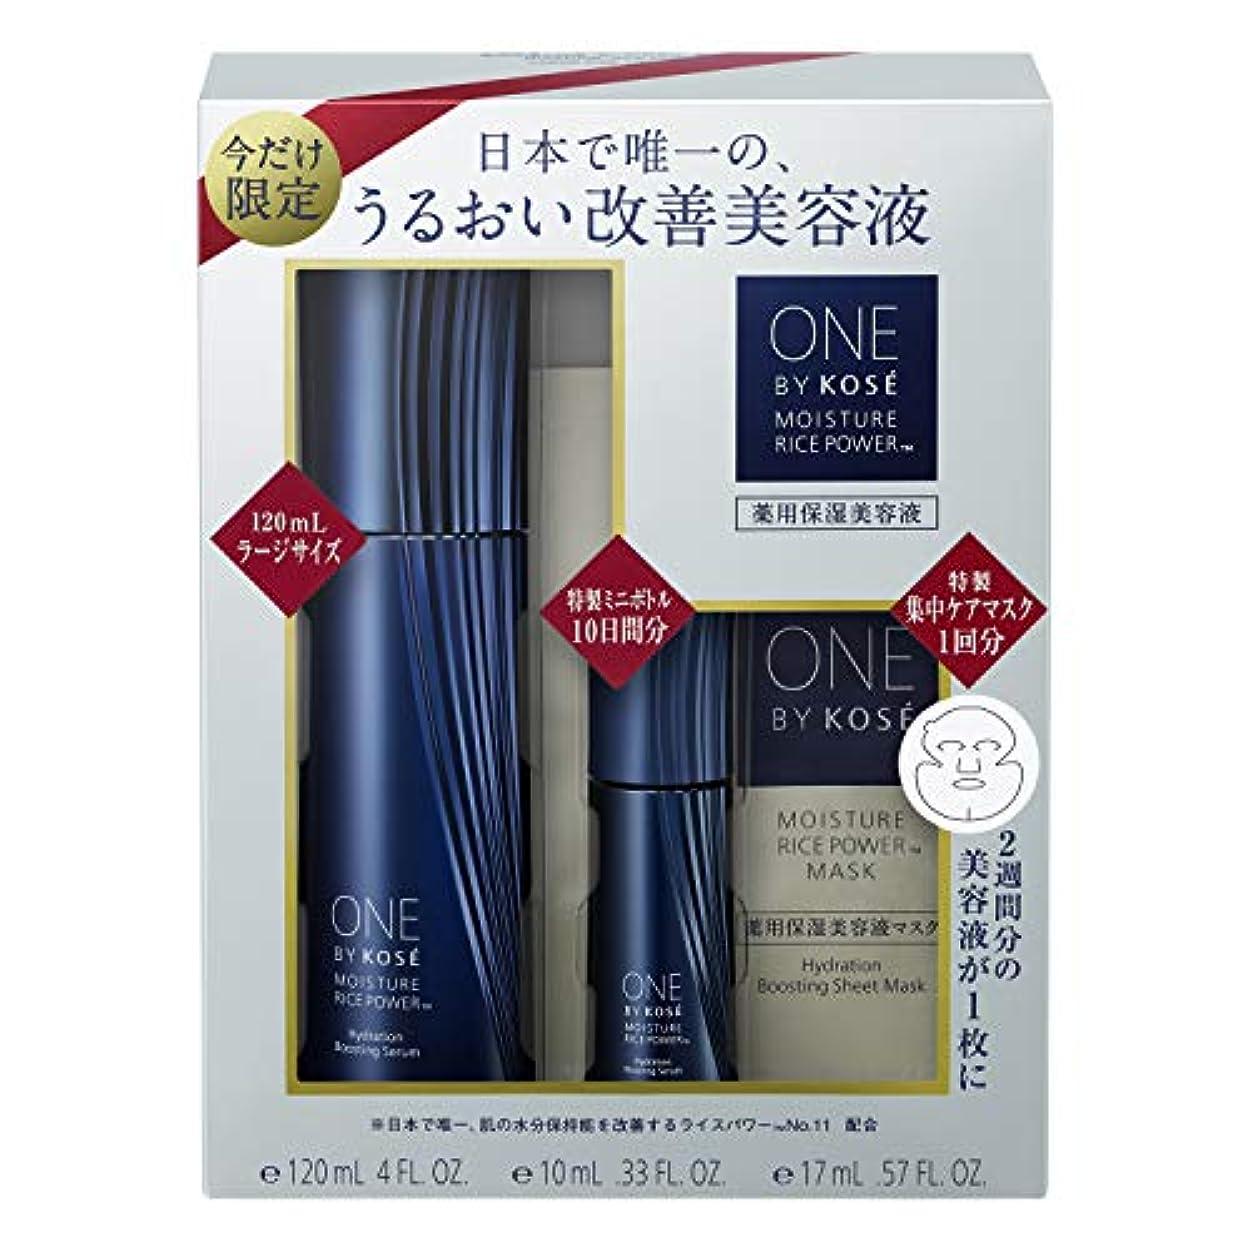 乱すライオン霜ONE BY KOSE(ワンバイコーセー) ONE BY KOSE 薬用保湿美容液 ラージサイズ 限定キット グリーンフローラル 単品